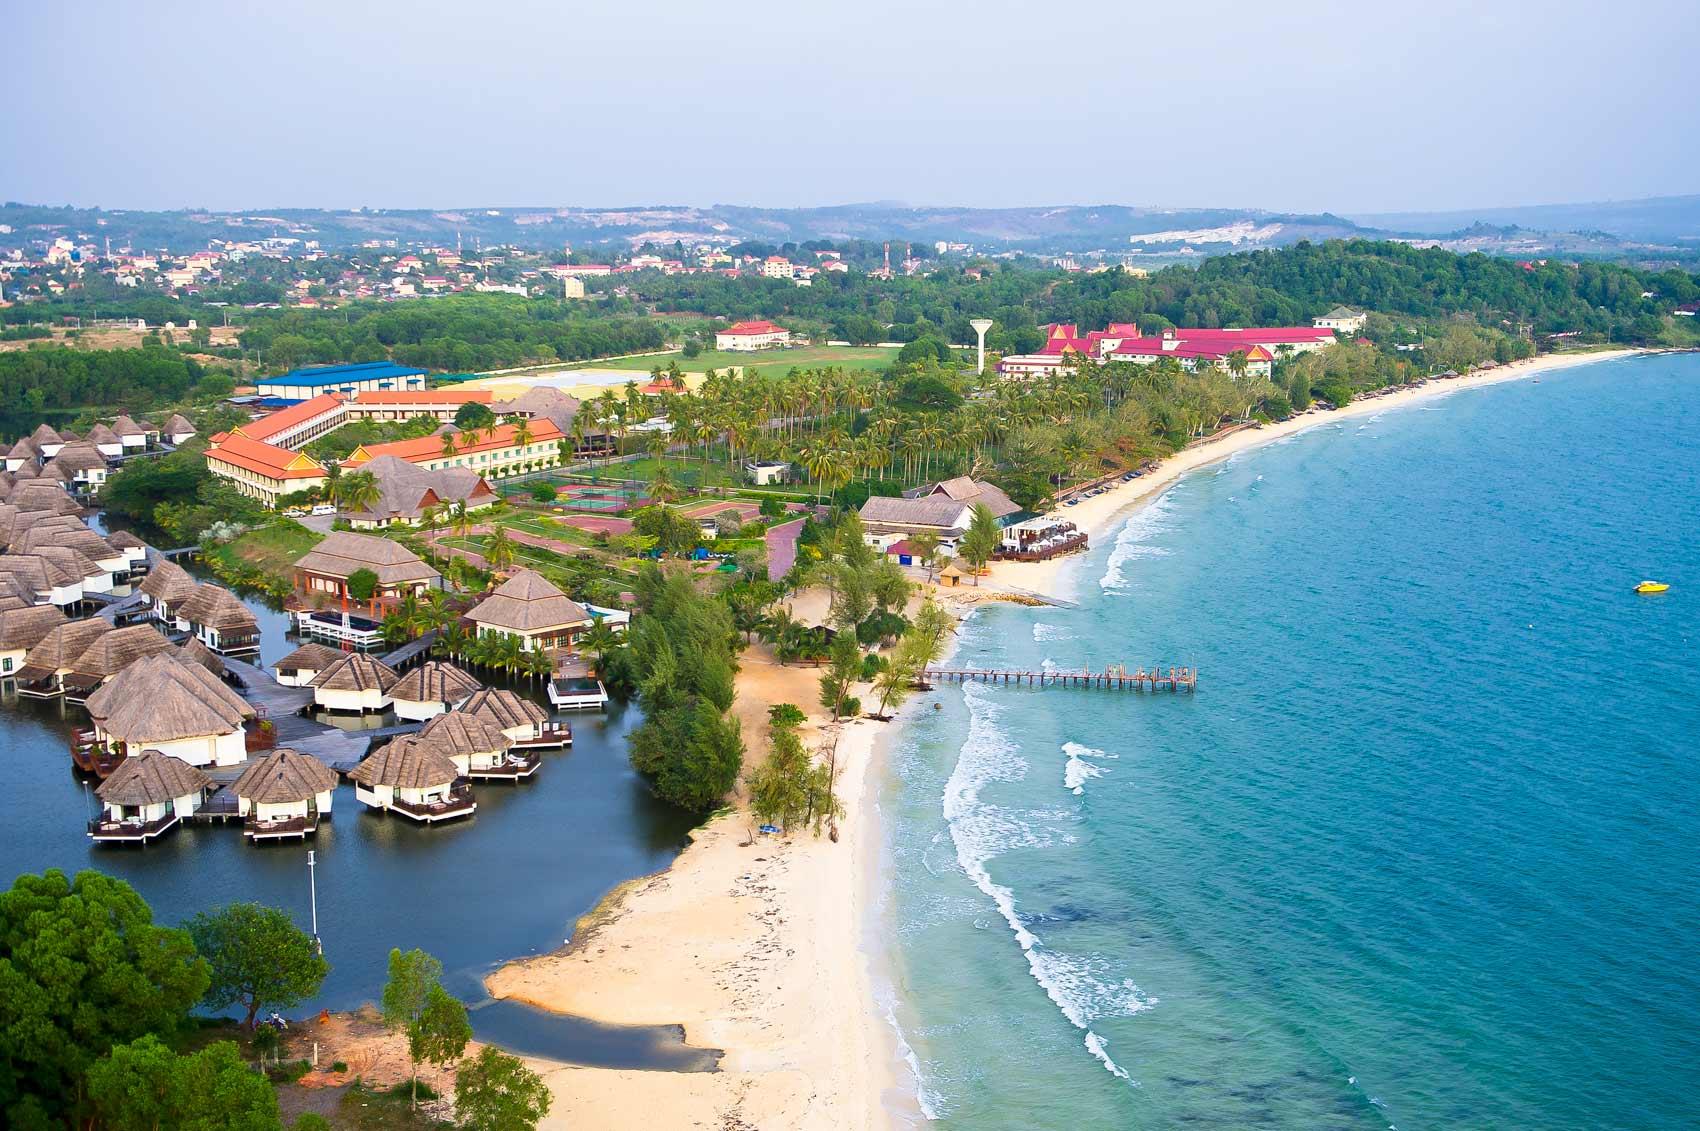 シアヌークビルはカンボジアのビーチリゾート!アクセスやおすすめの過ごし方は?